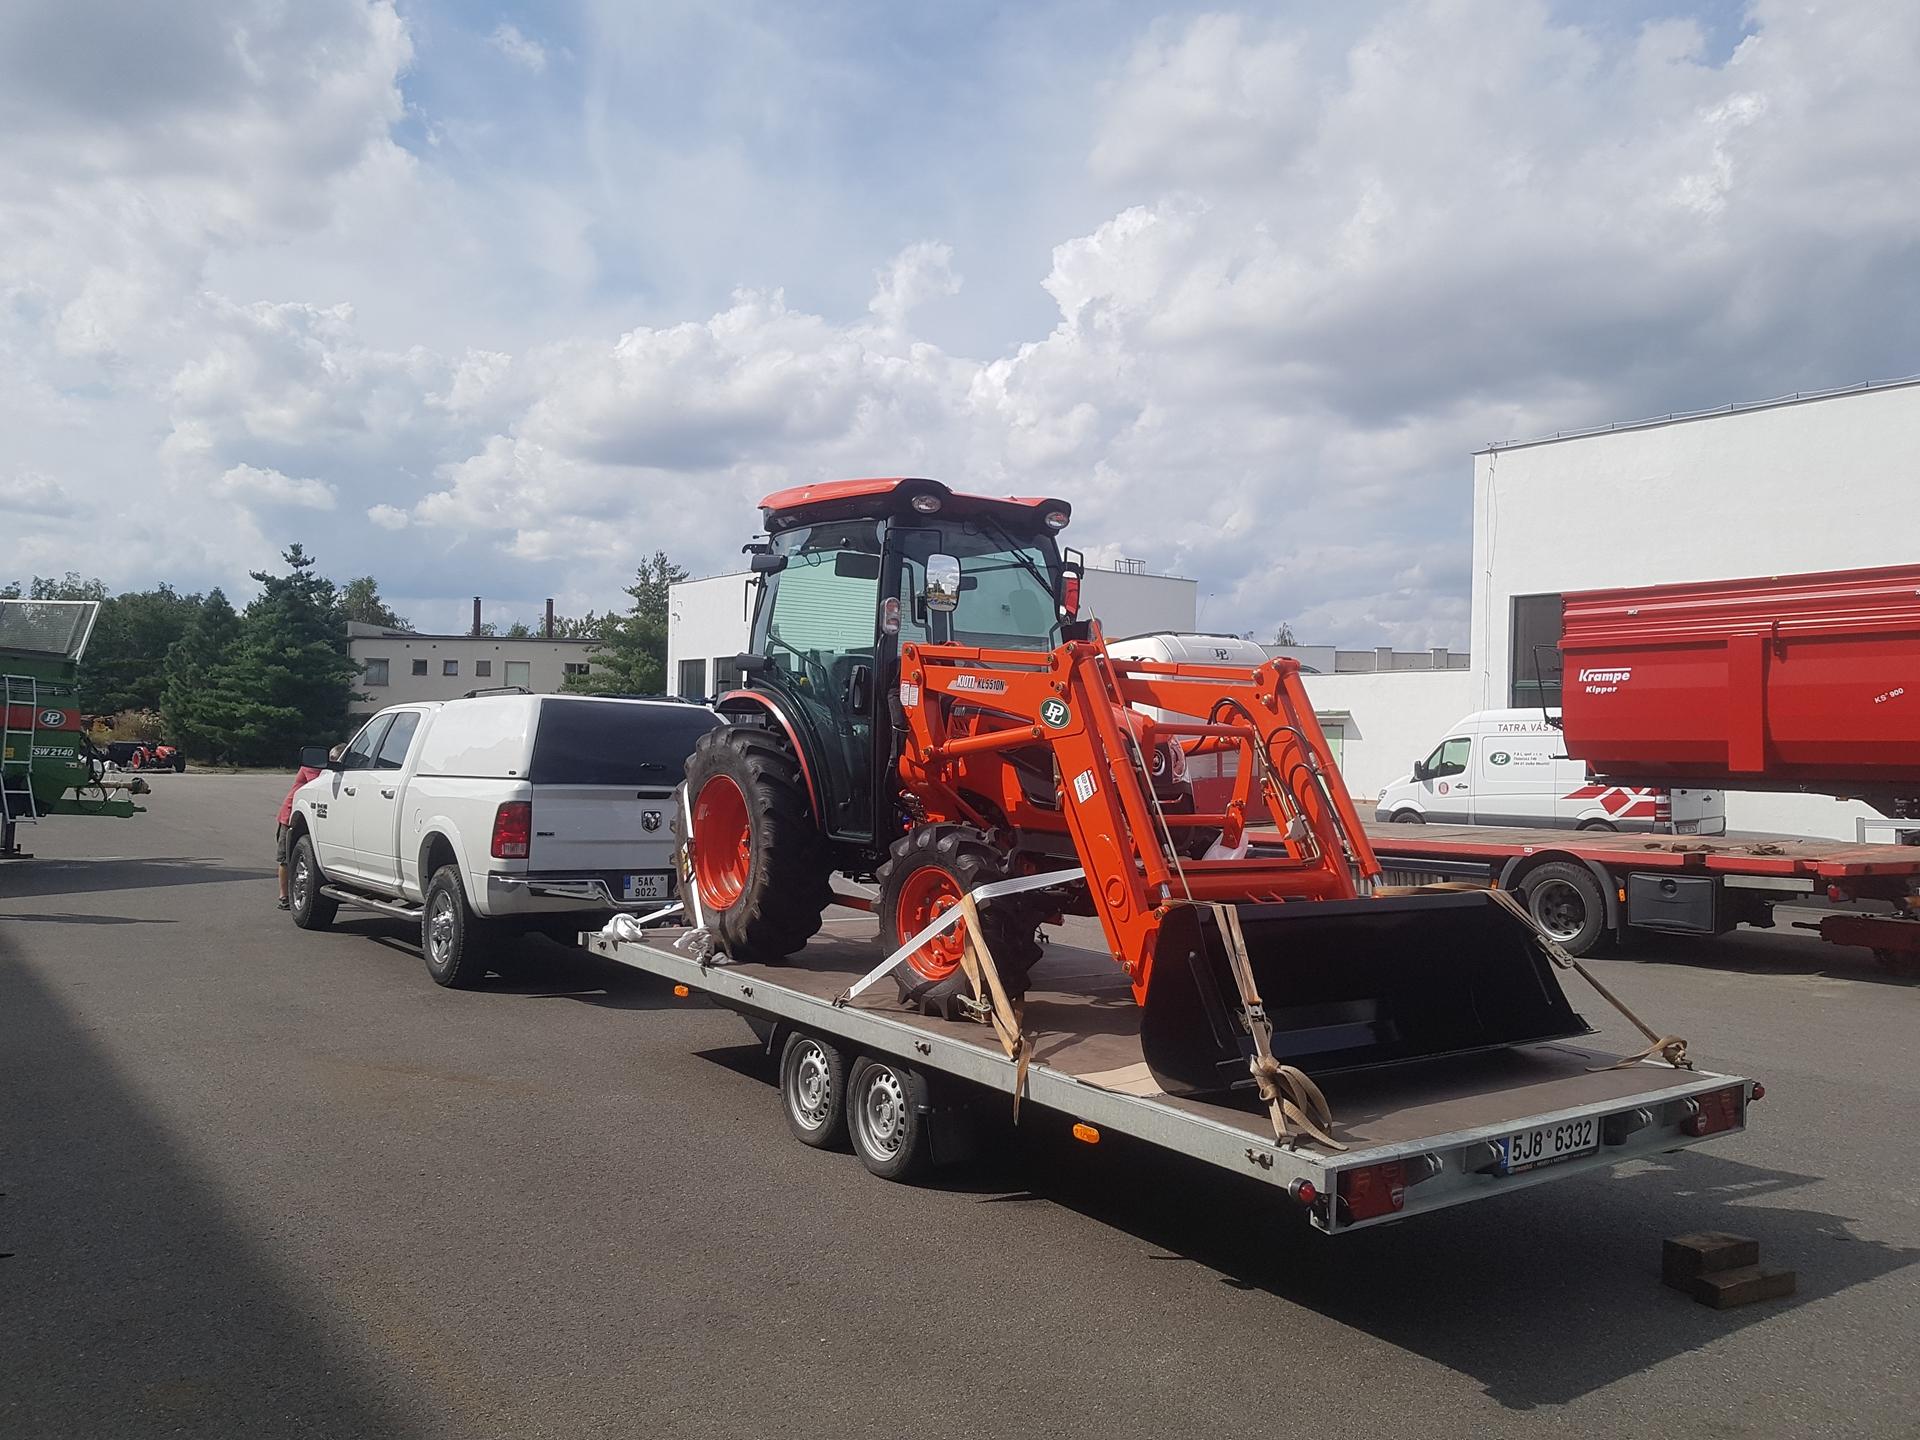 Traktor-Kioti-DK6010-s-celnim-nakladacem4.jpg